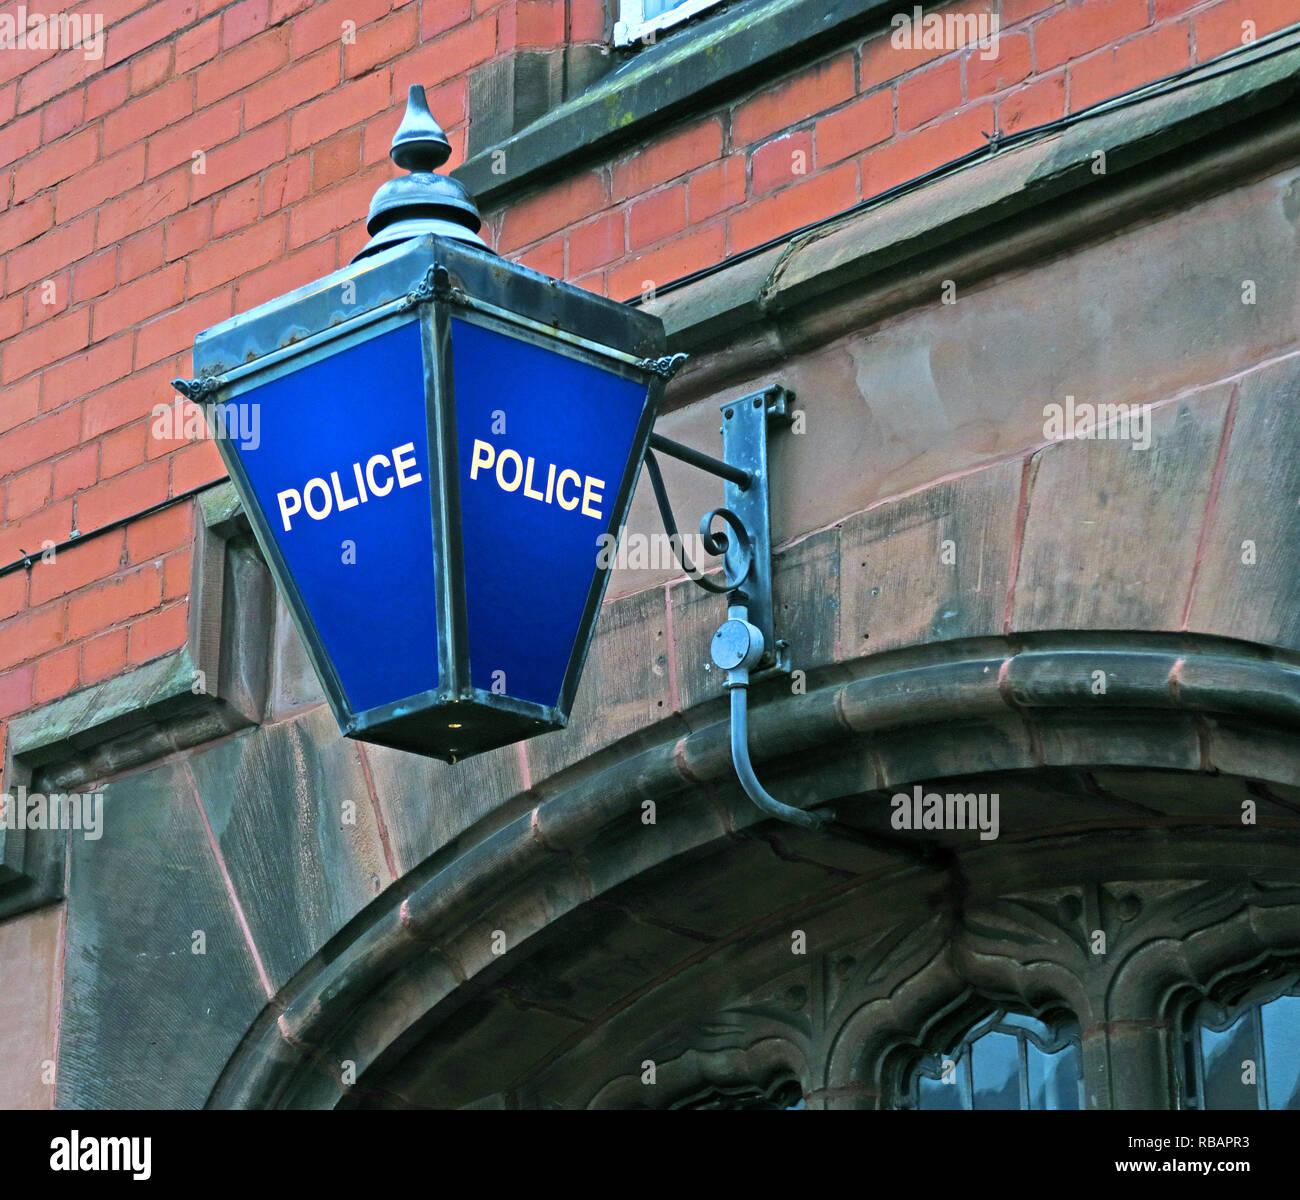 HotpixUK,@HotpixUK,UK,GoTonySmith,England,English,North